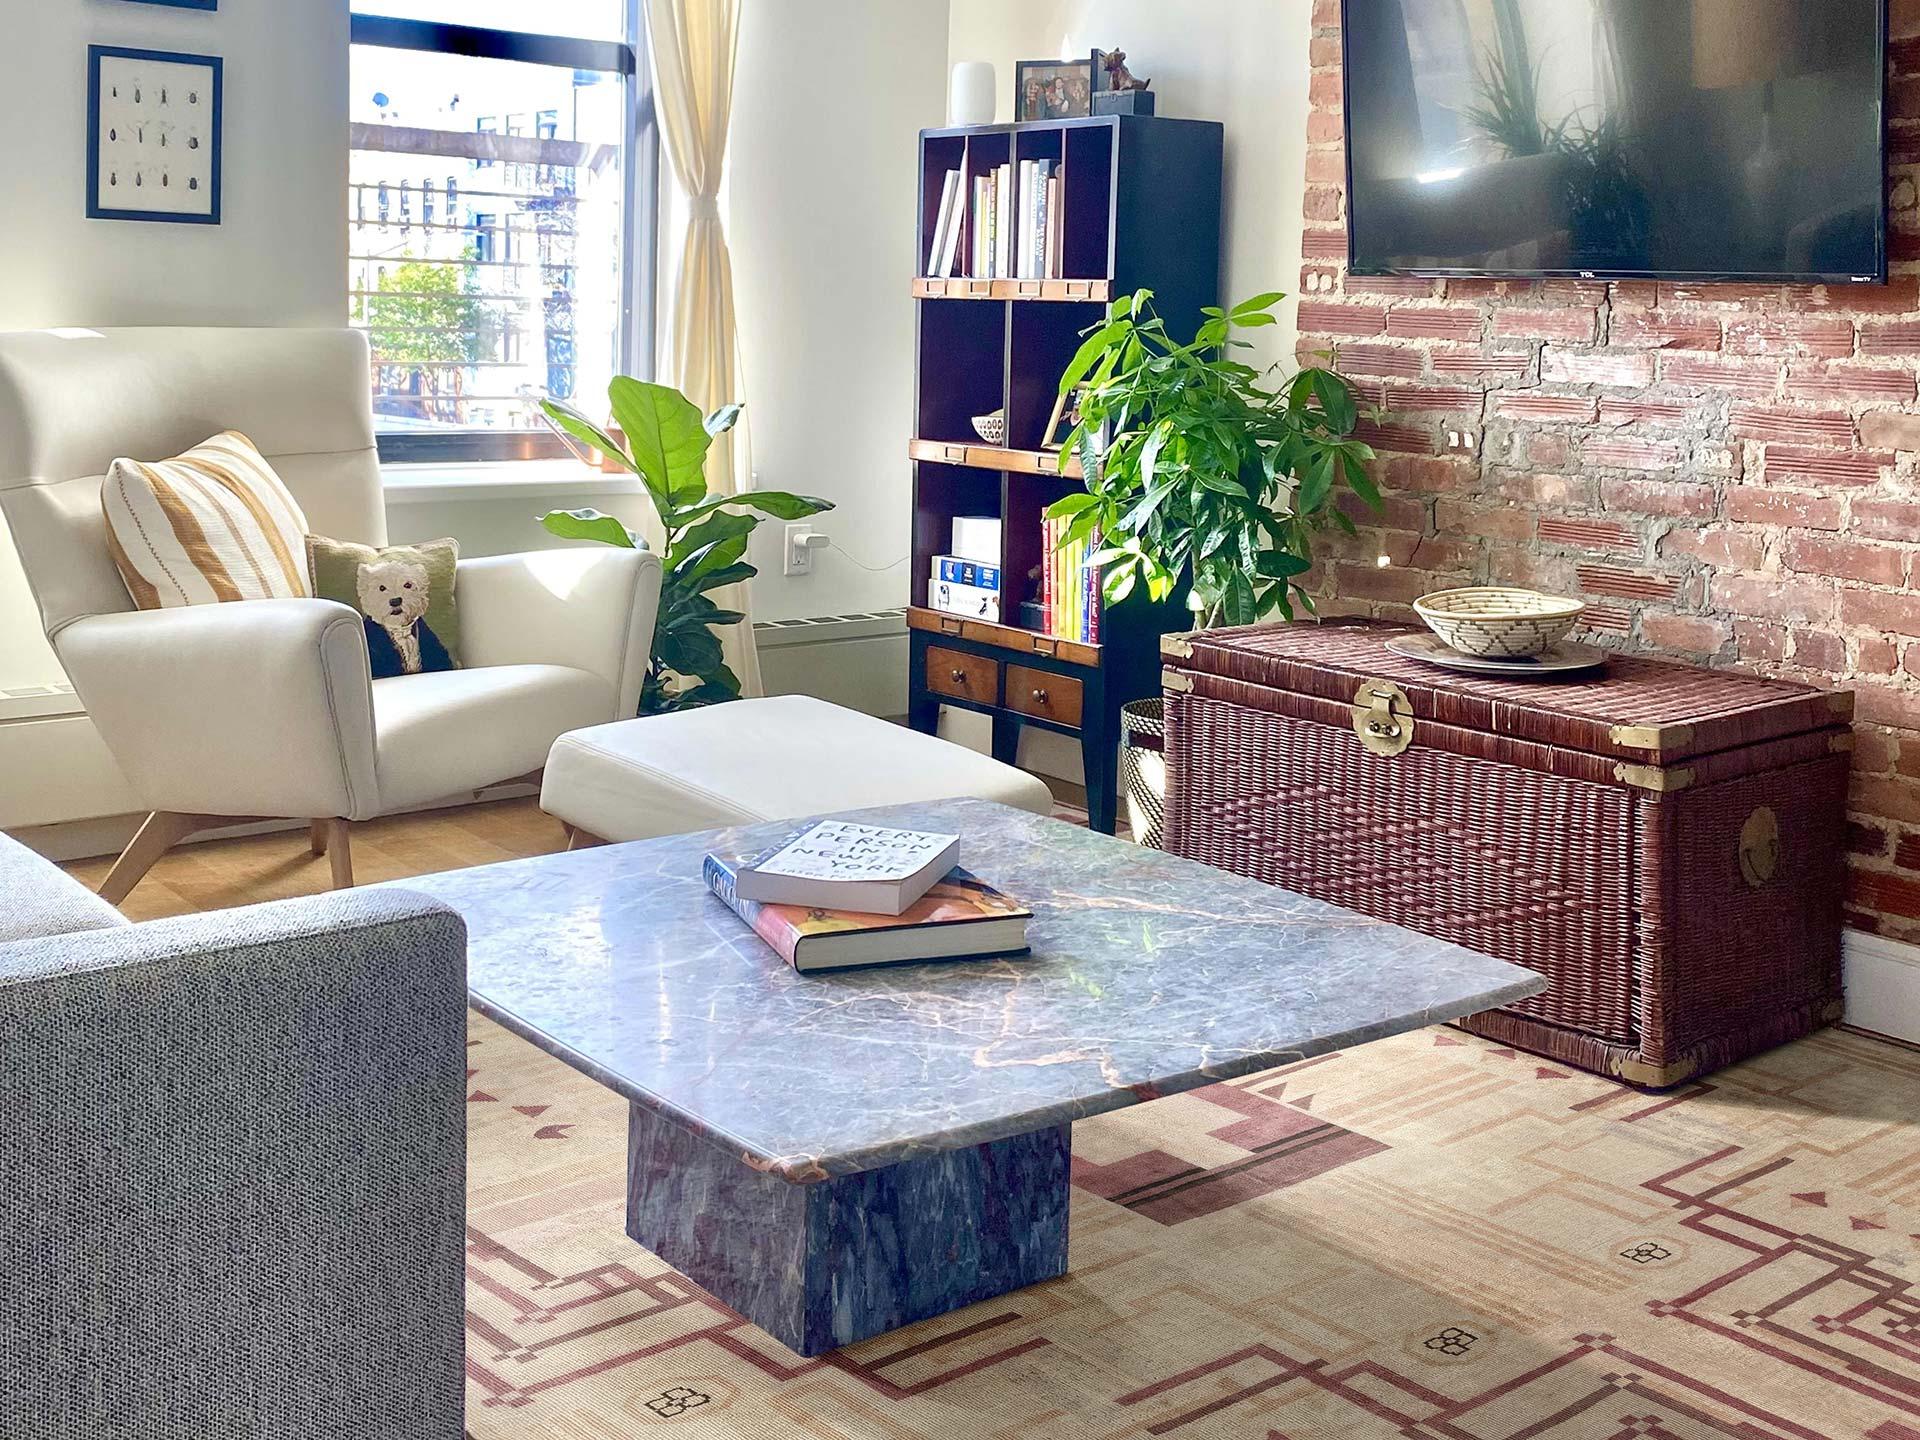 Vintage Art Deco Rosa Teppich BB7529 in einem Wohnzimmer